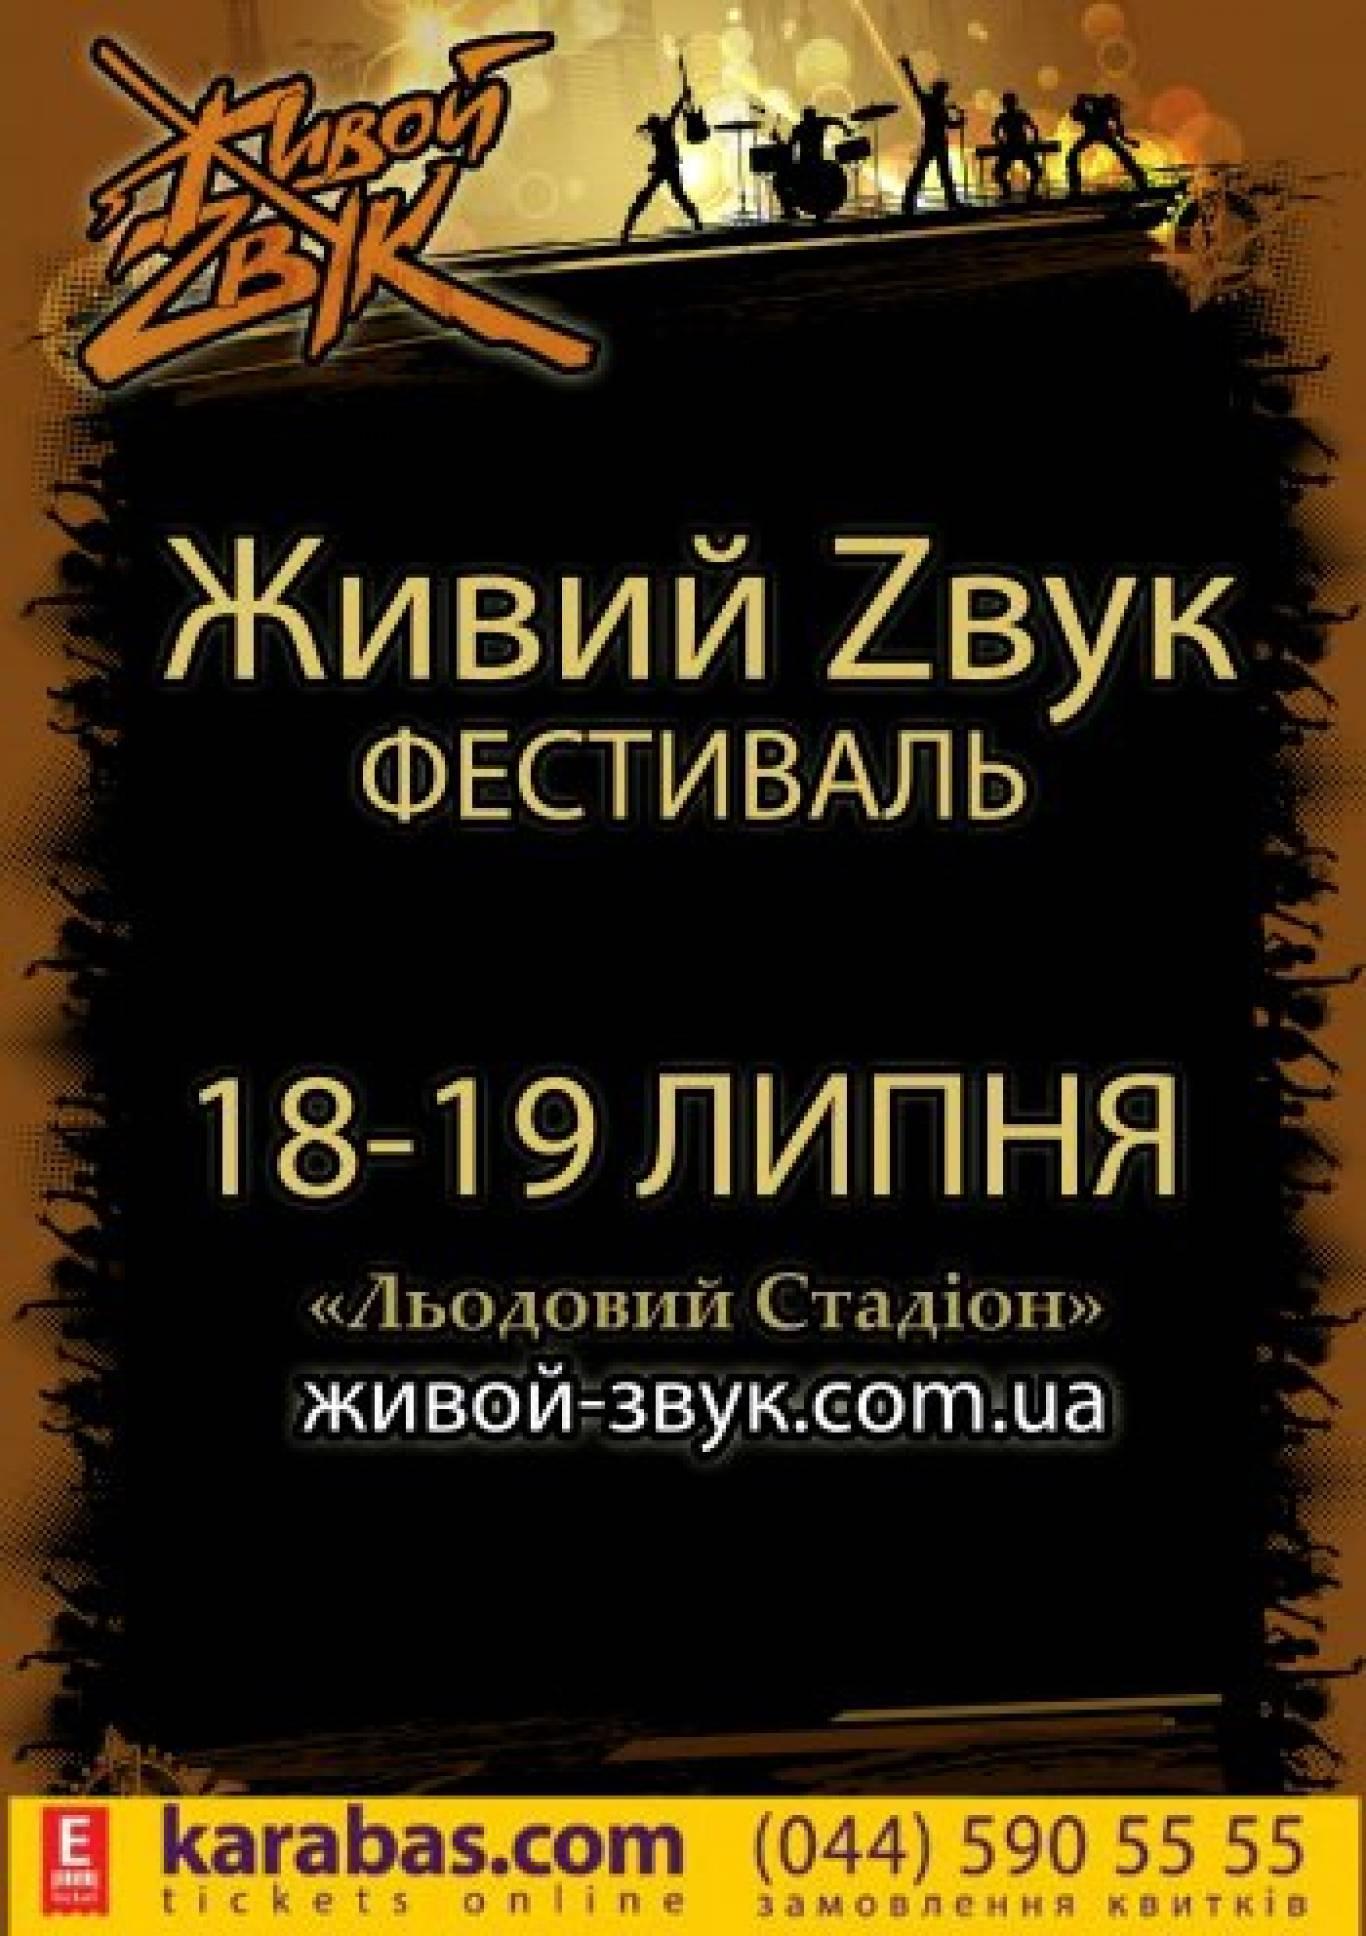 Музичний фестиваль «Живий звук» на Льодовому стадіоні